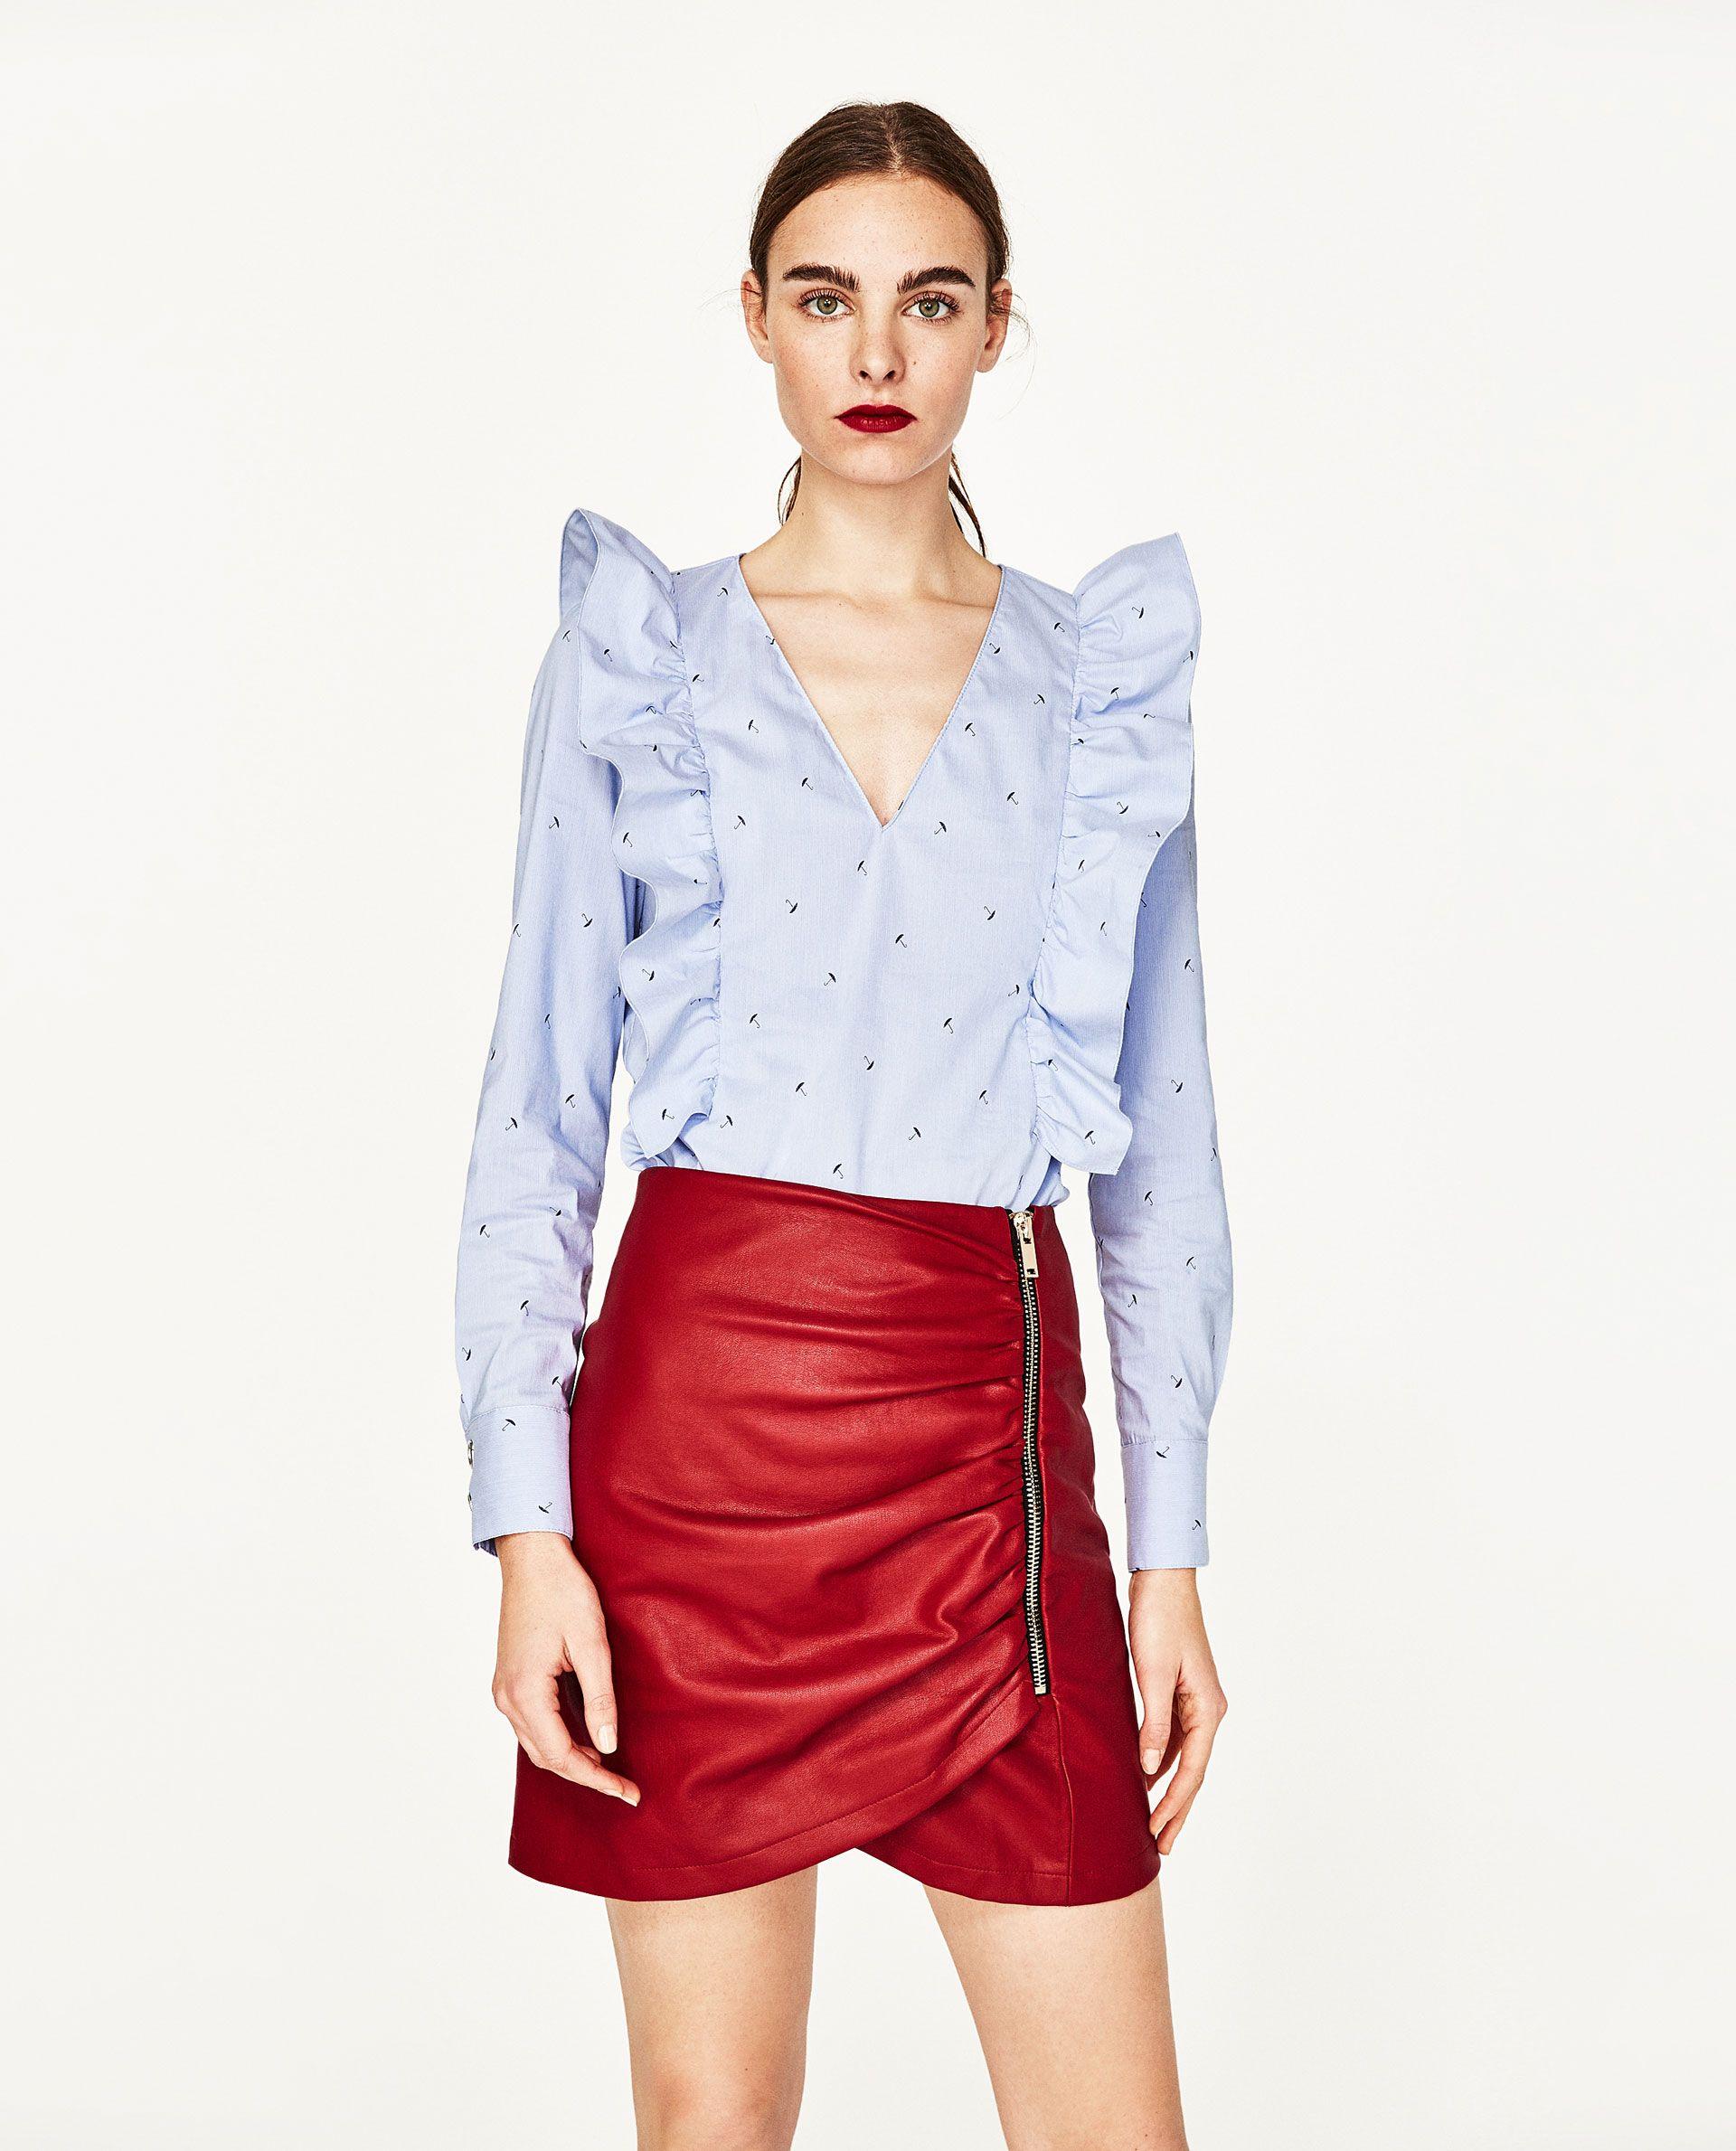 0912840ae ZARA - FEMME - CHEMISIER AVEC COL EN V ET VOLANTS Camisa Zara